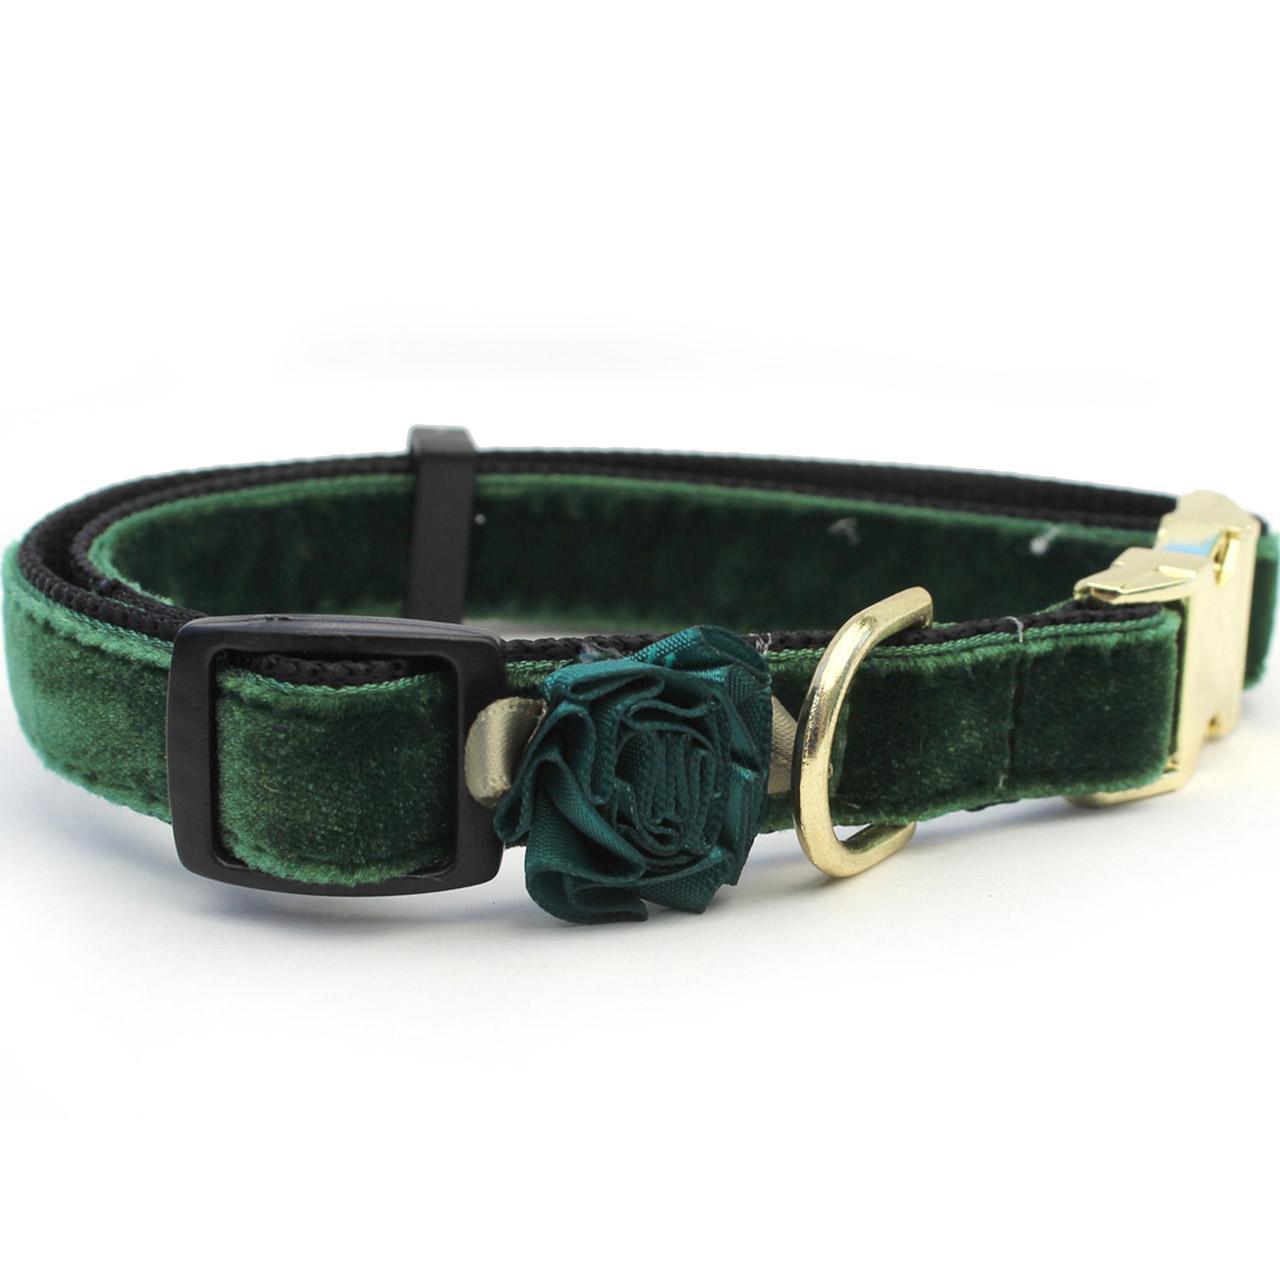 Mistletoe Velvet Dog Collar by Diva Dog - Pine Green